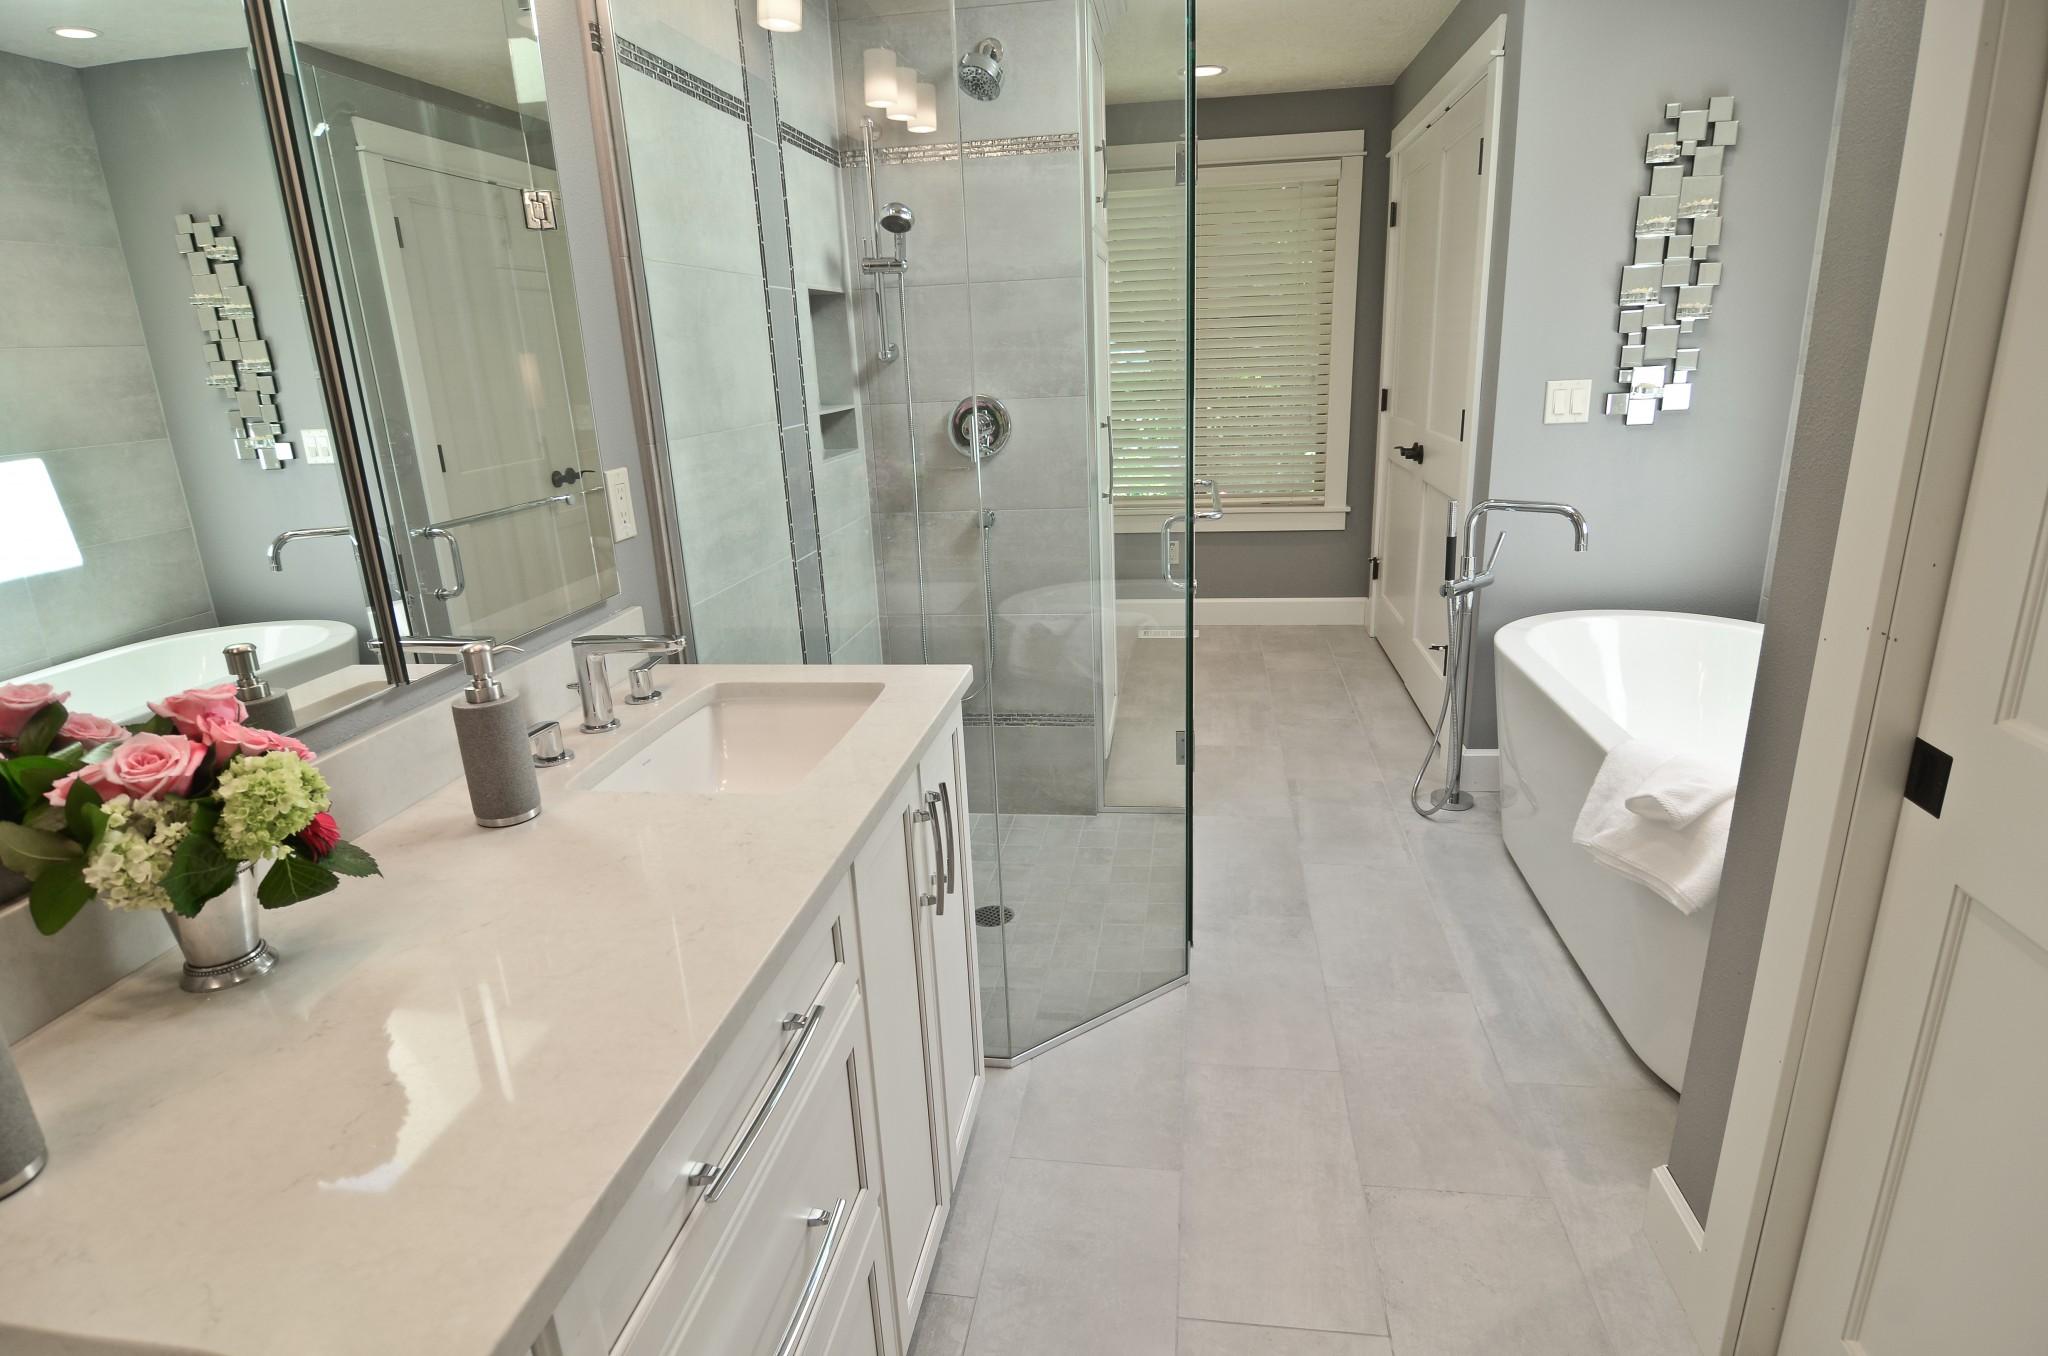 bathroom vanities Ovation Design-Build bathroom design